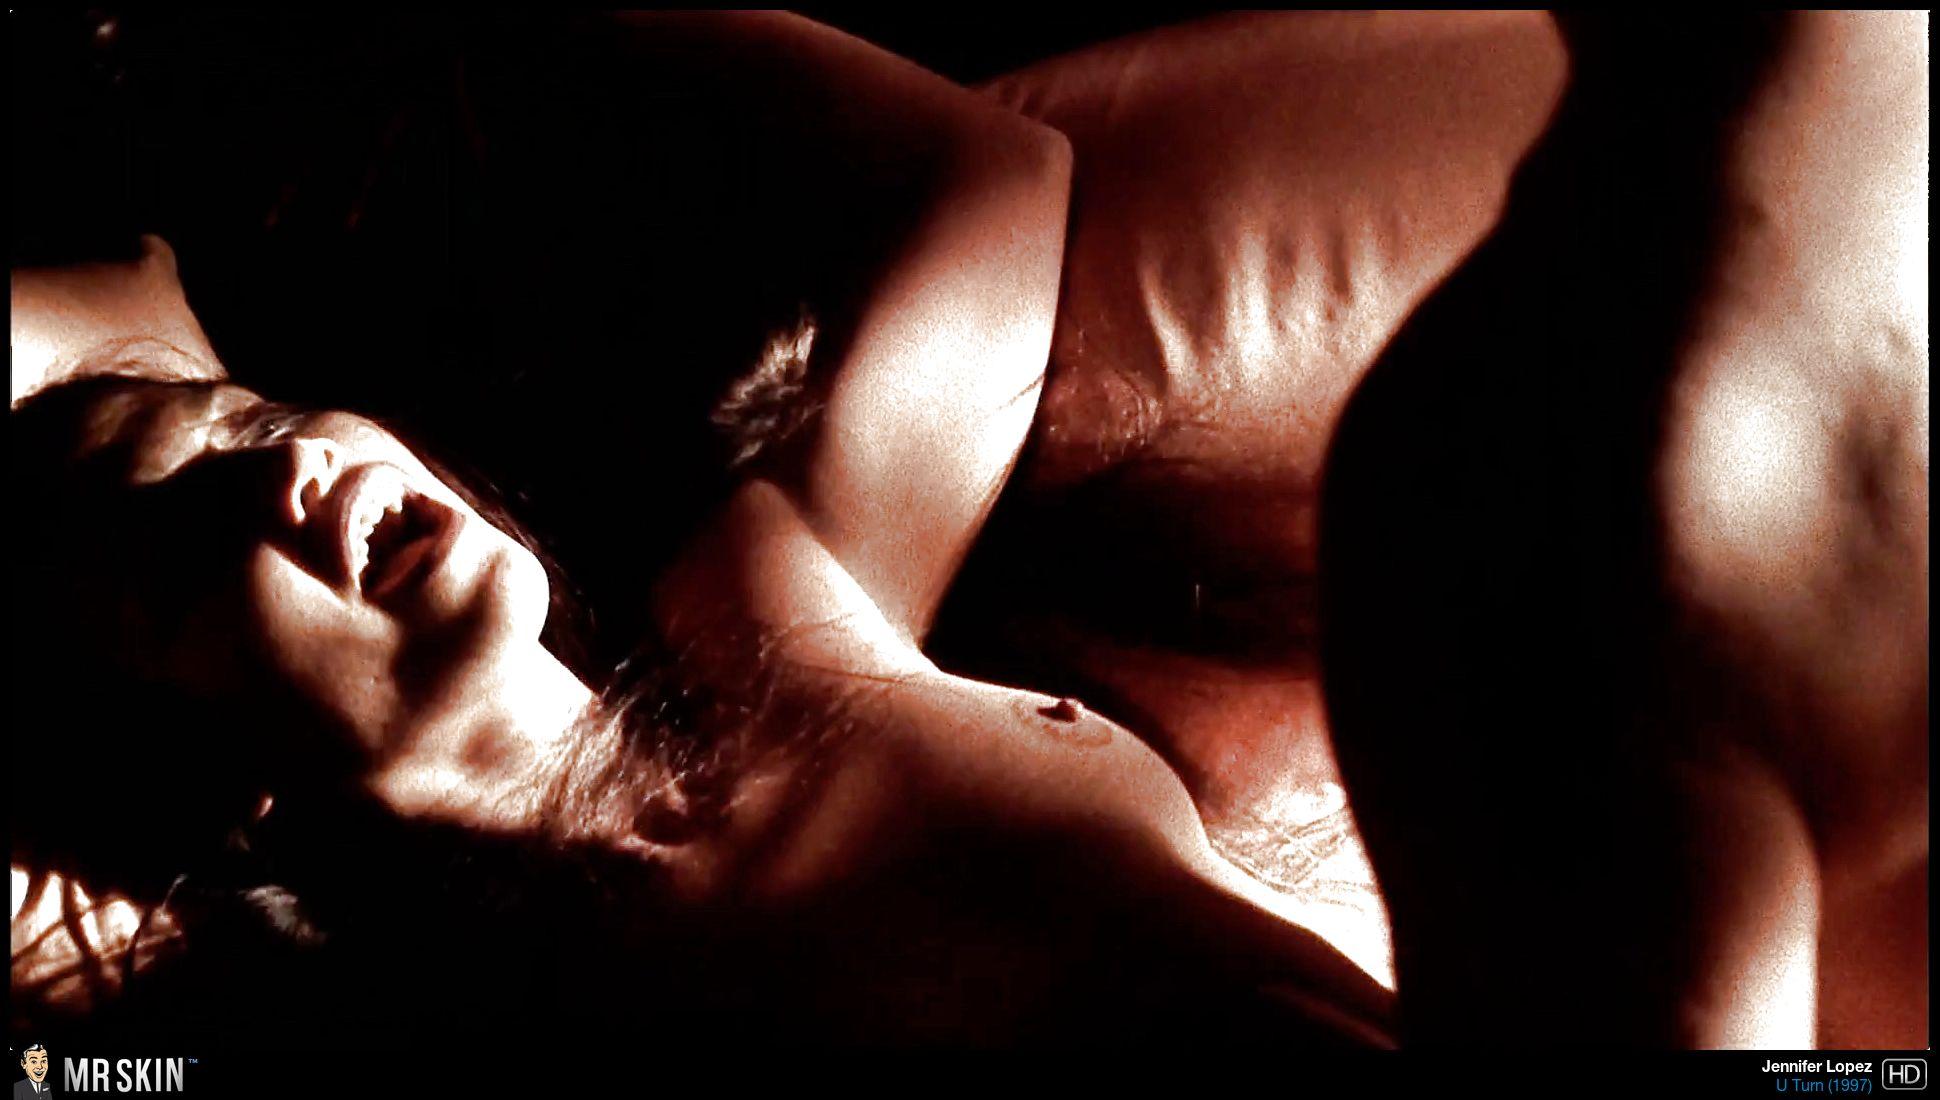 Секс и дженифер лопез 27 фотография